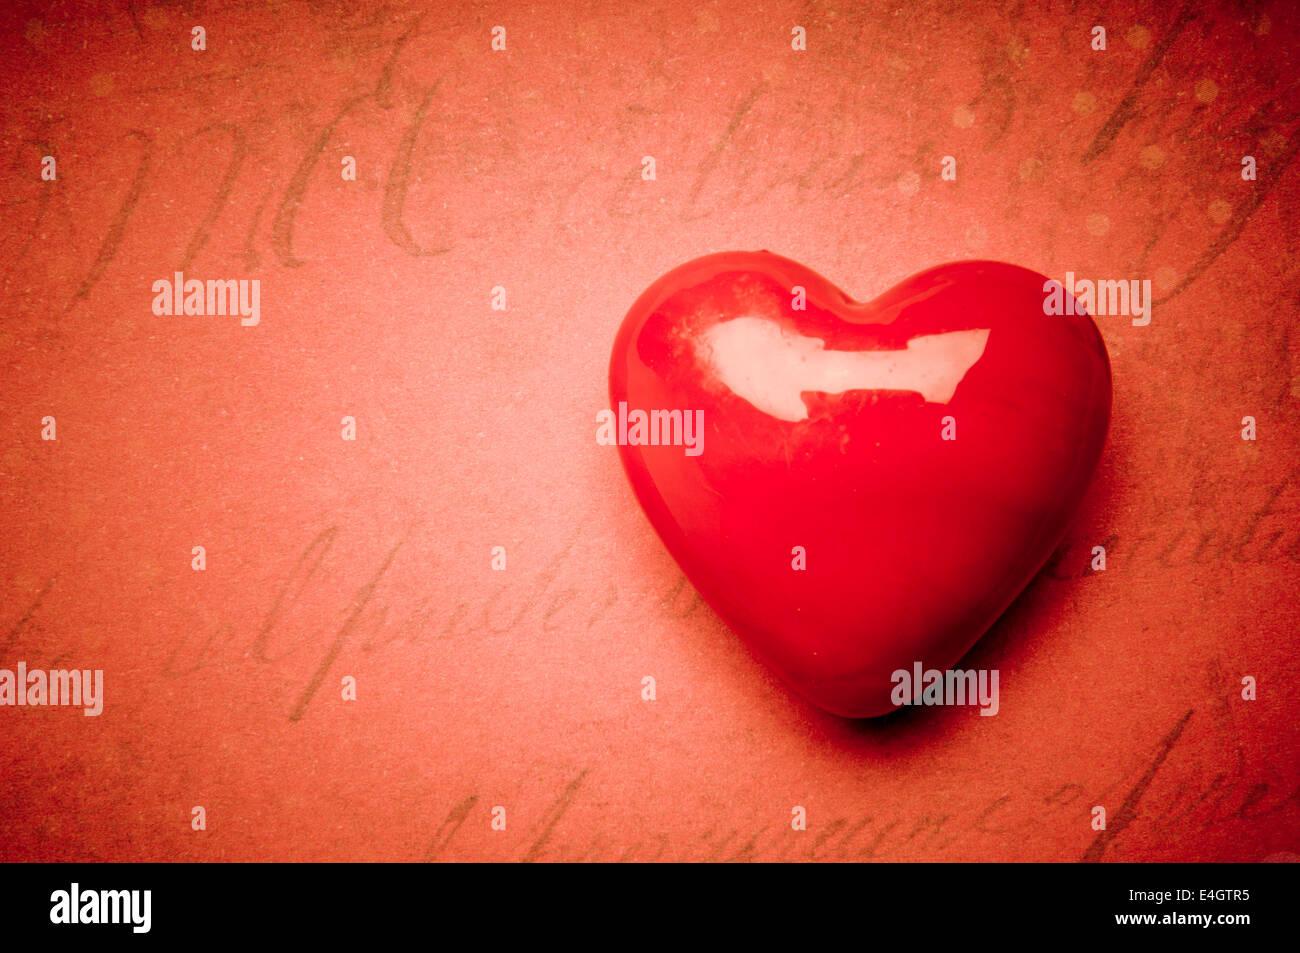 Forme de coeur, l'amour concept Photo Stock